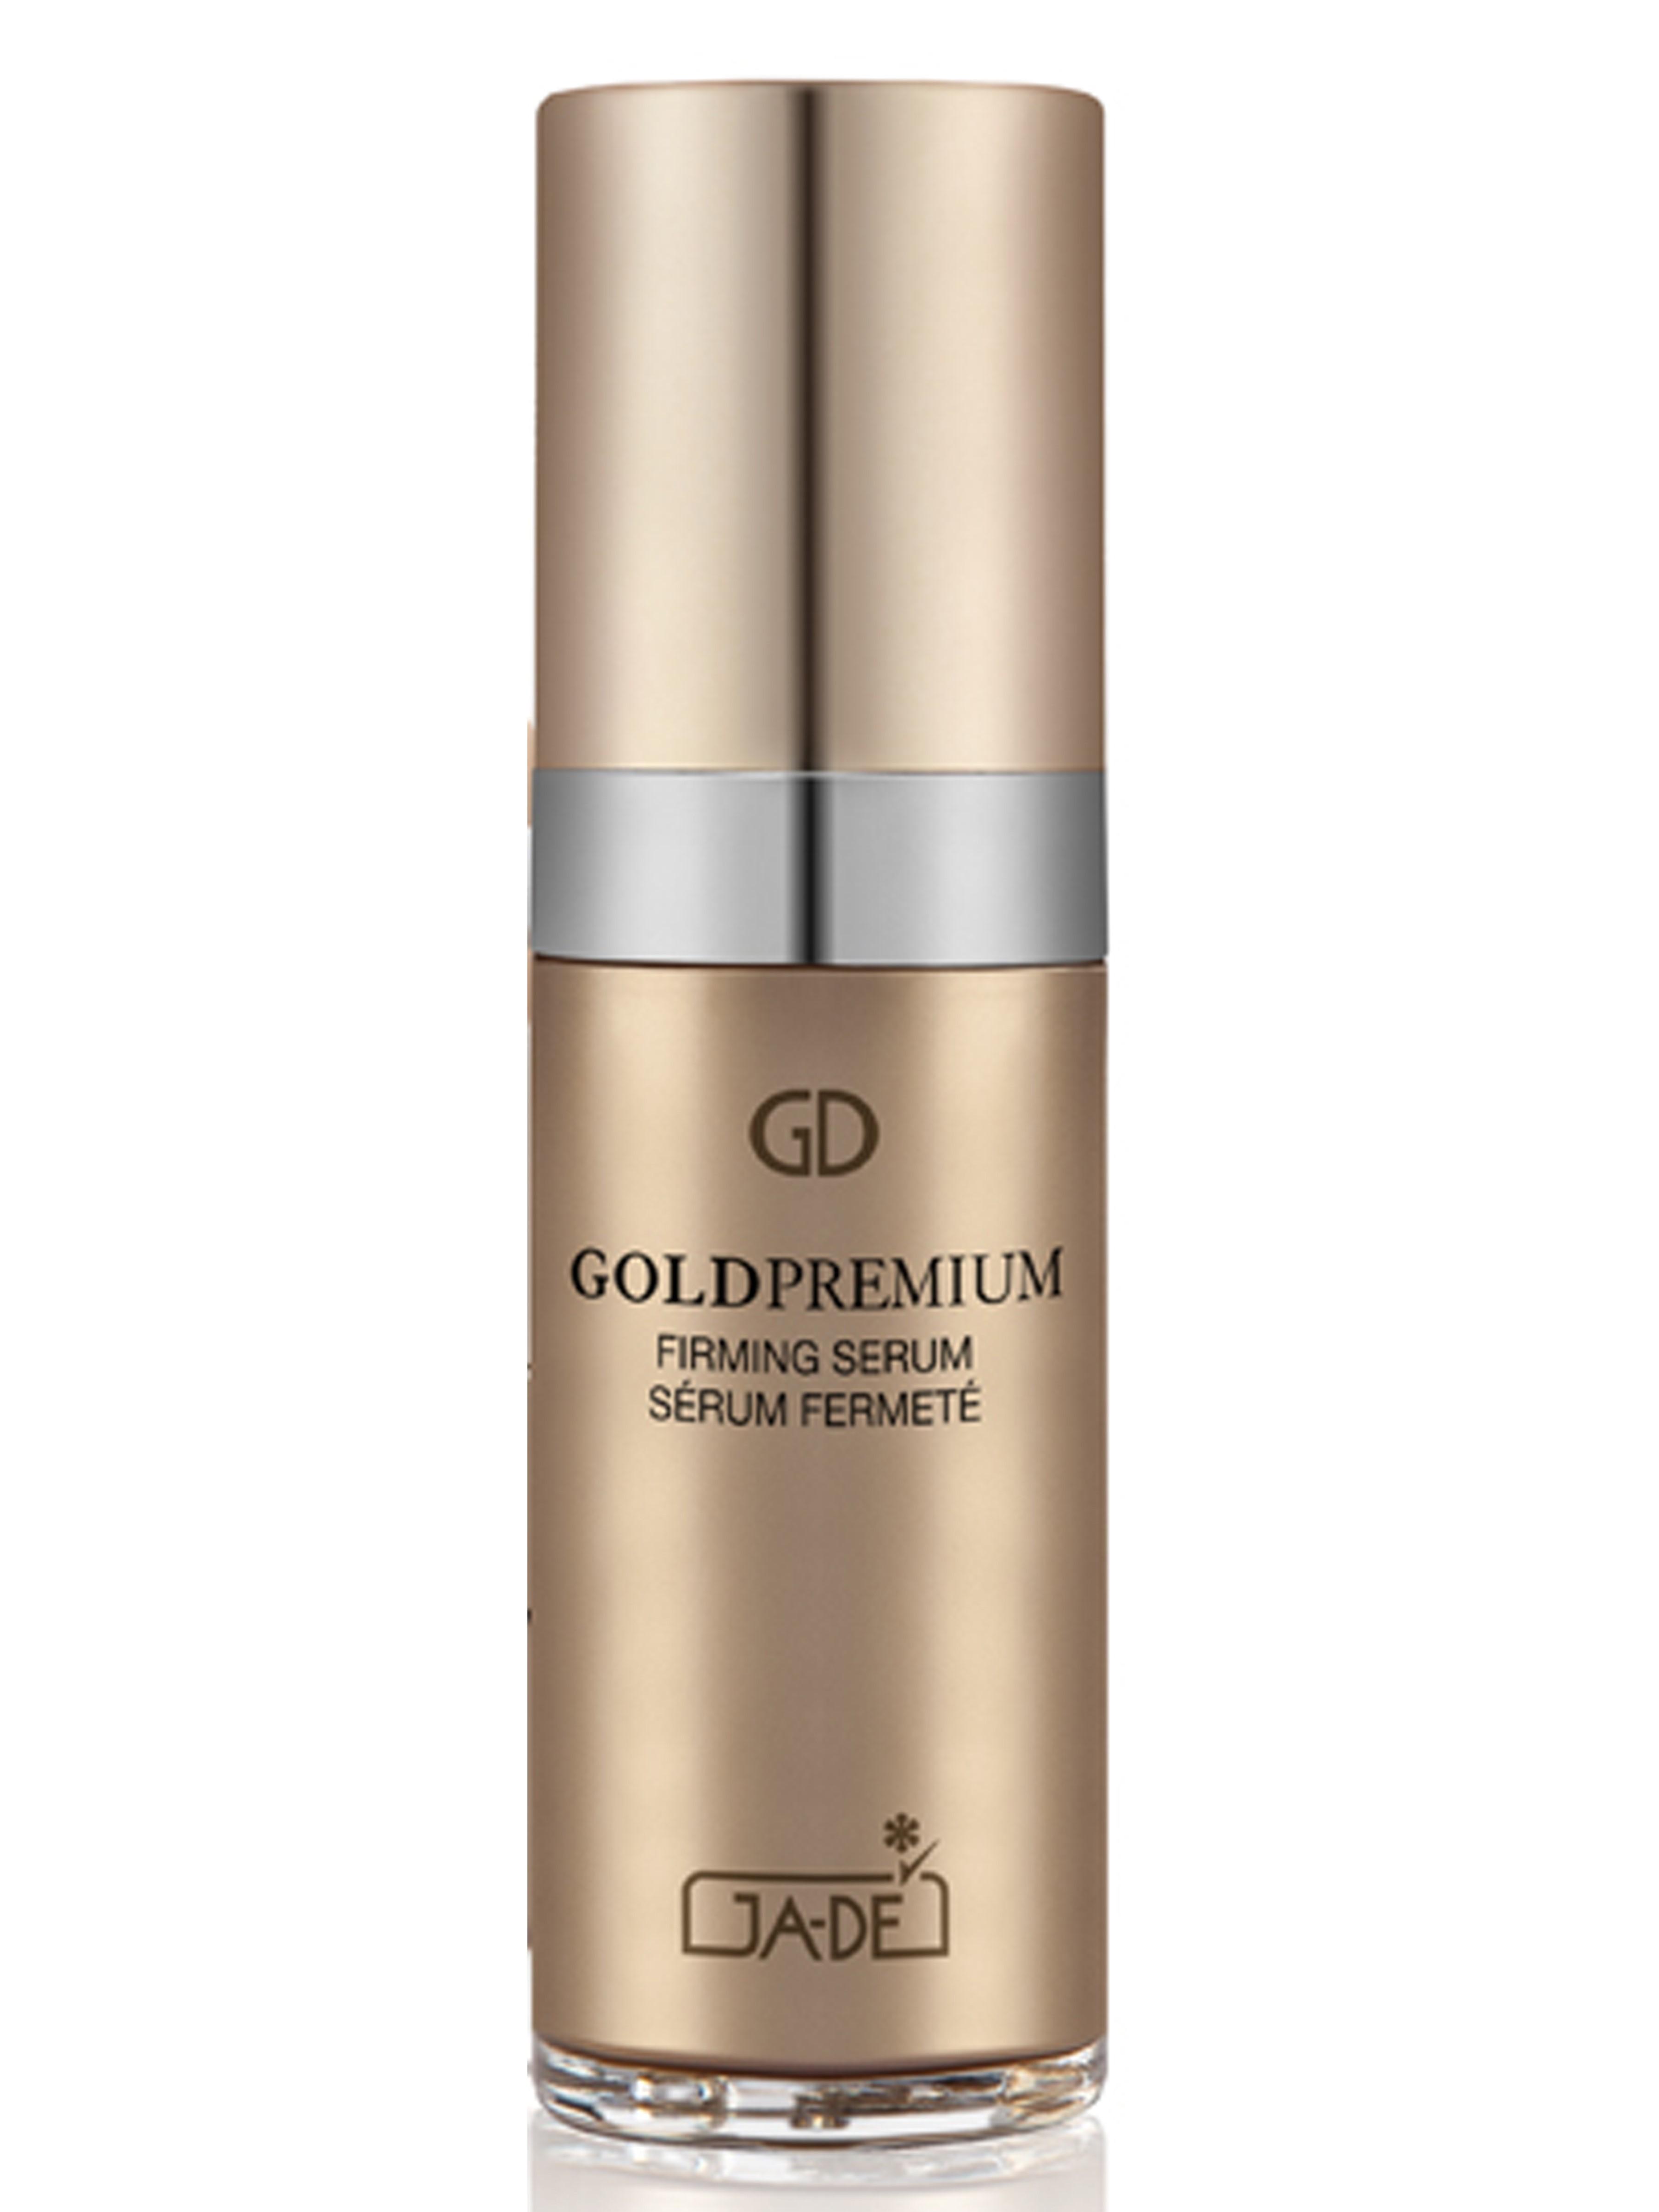 GA-DE Сыворотка укрепляющая для лица / GOLD PREMIUM 30мл